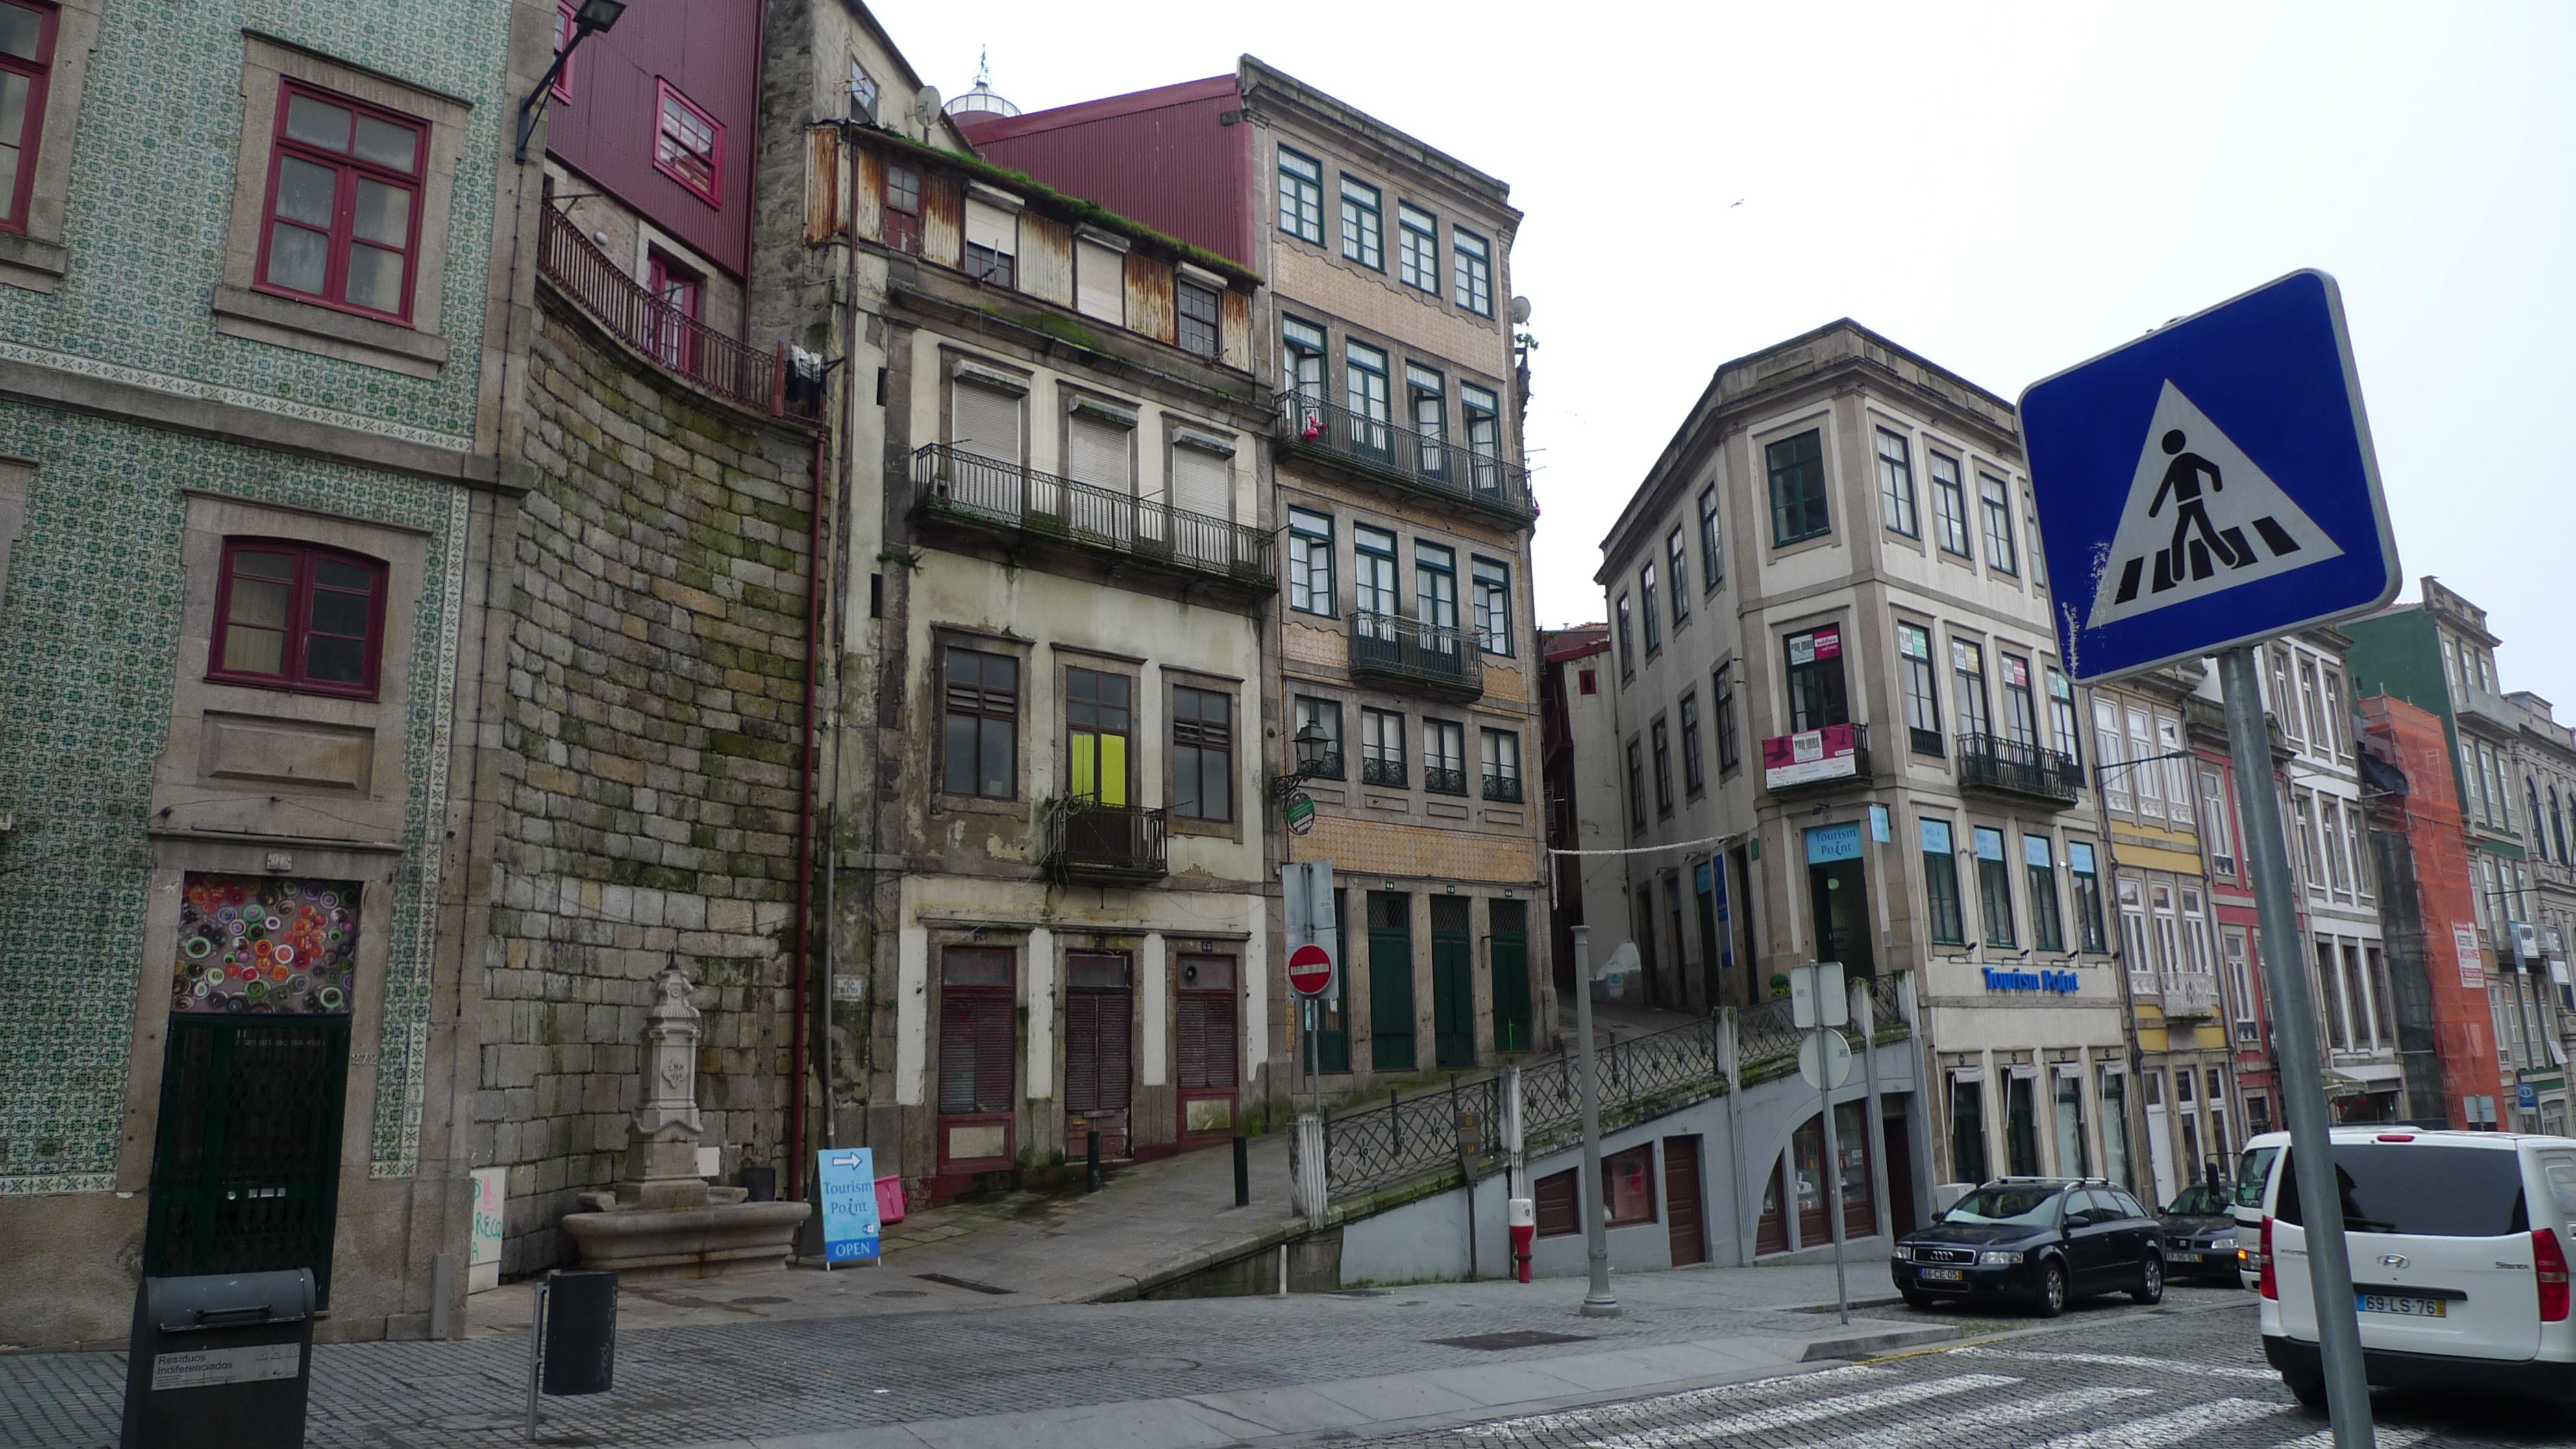 La rua de valdeorras fotos 33